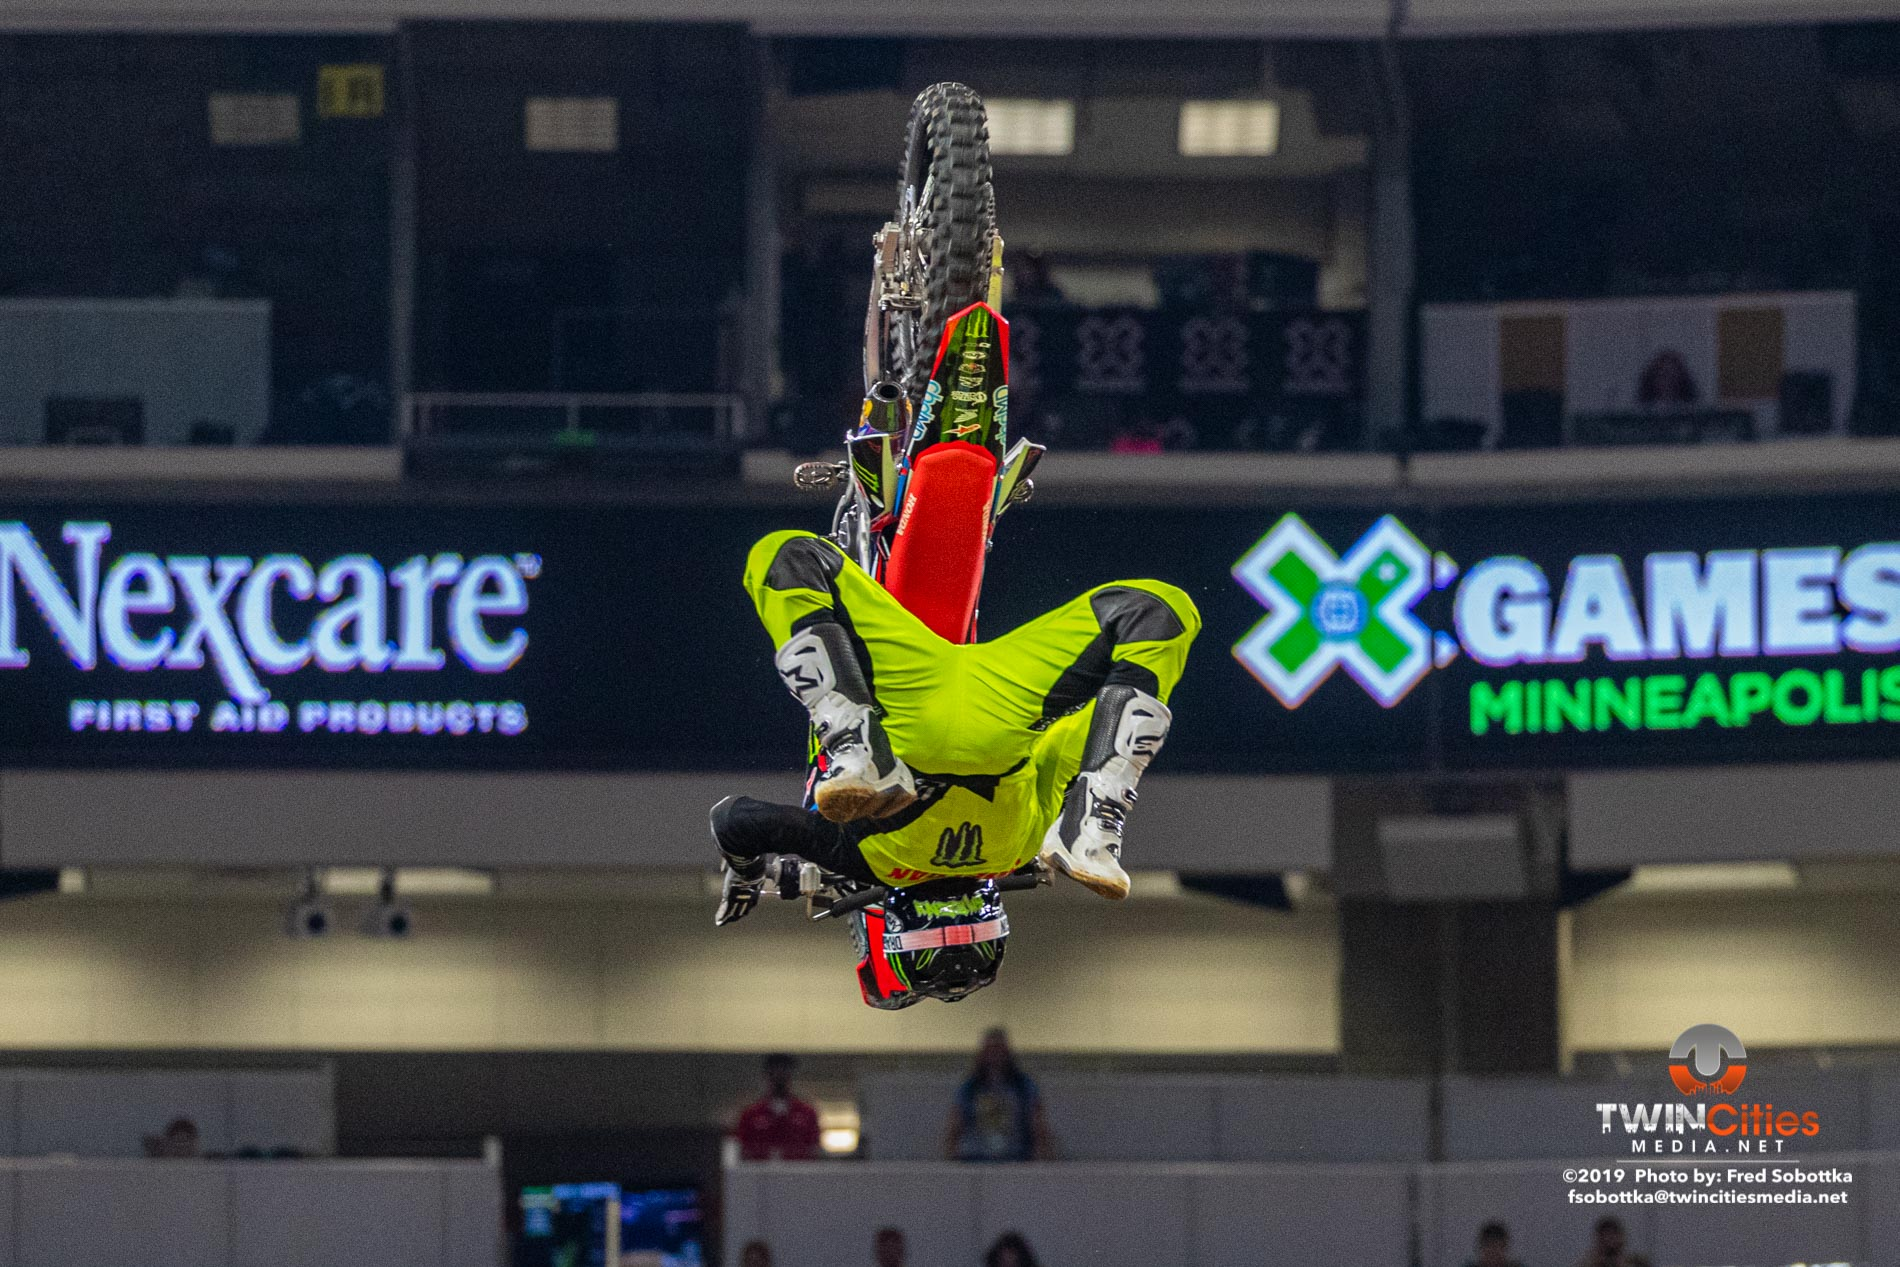 Moto-X-Freestyle-04